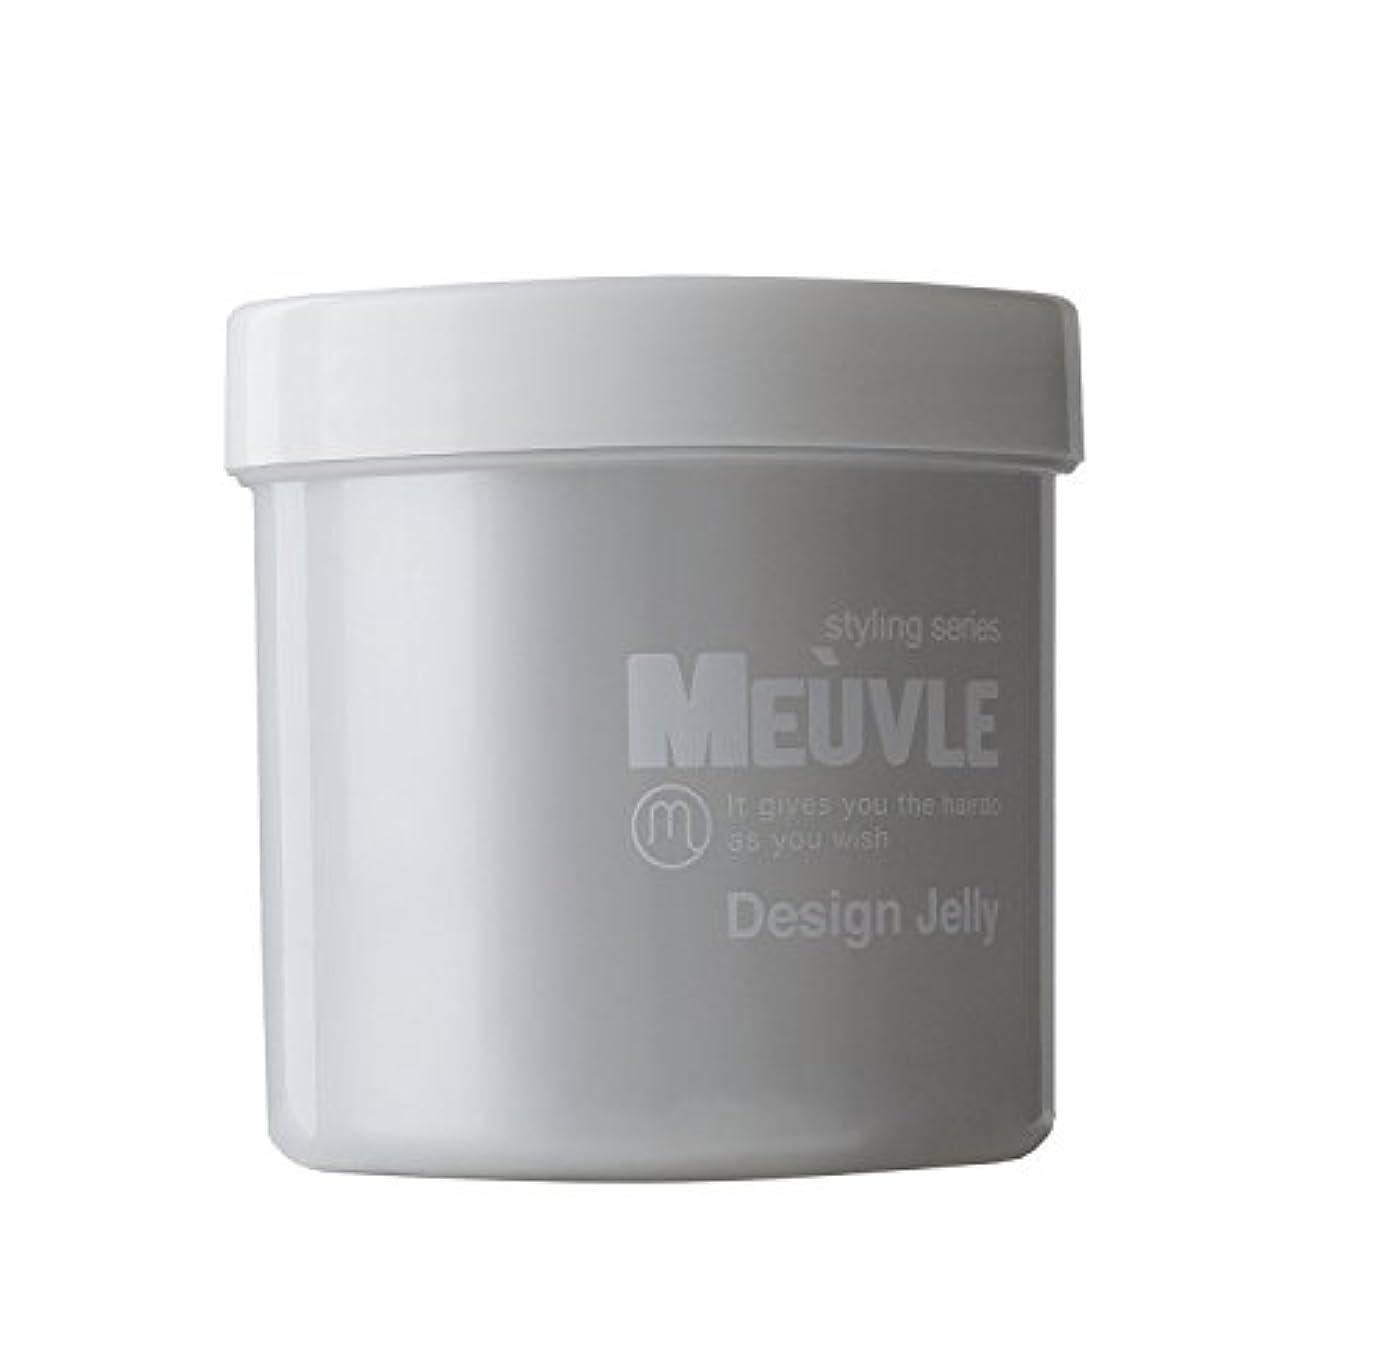 卵シンポジウム母音MEUVLE ( ミューヴル ) デザインゼリー 300g 限定企画 ミューブル ジェル